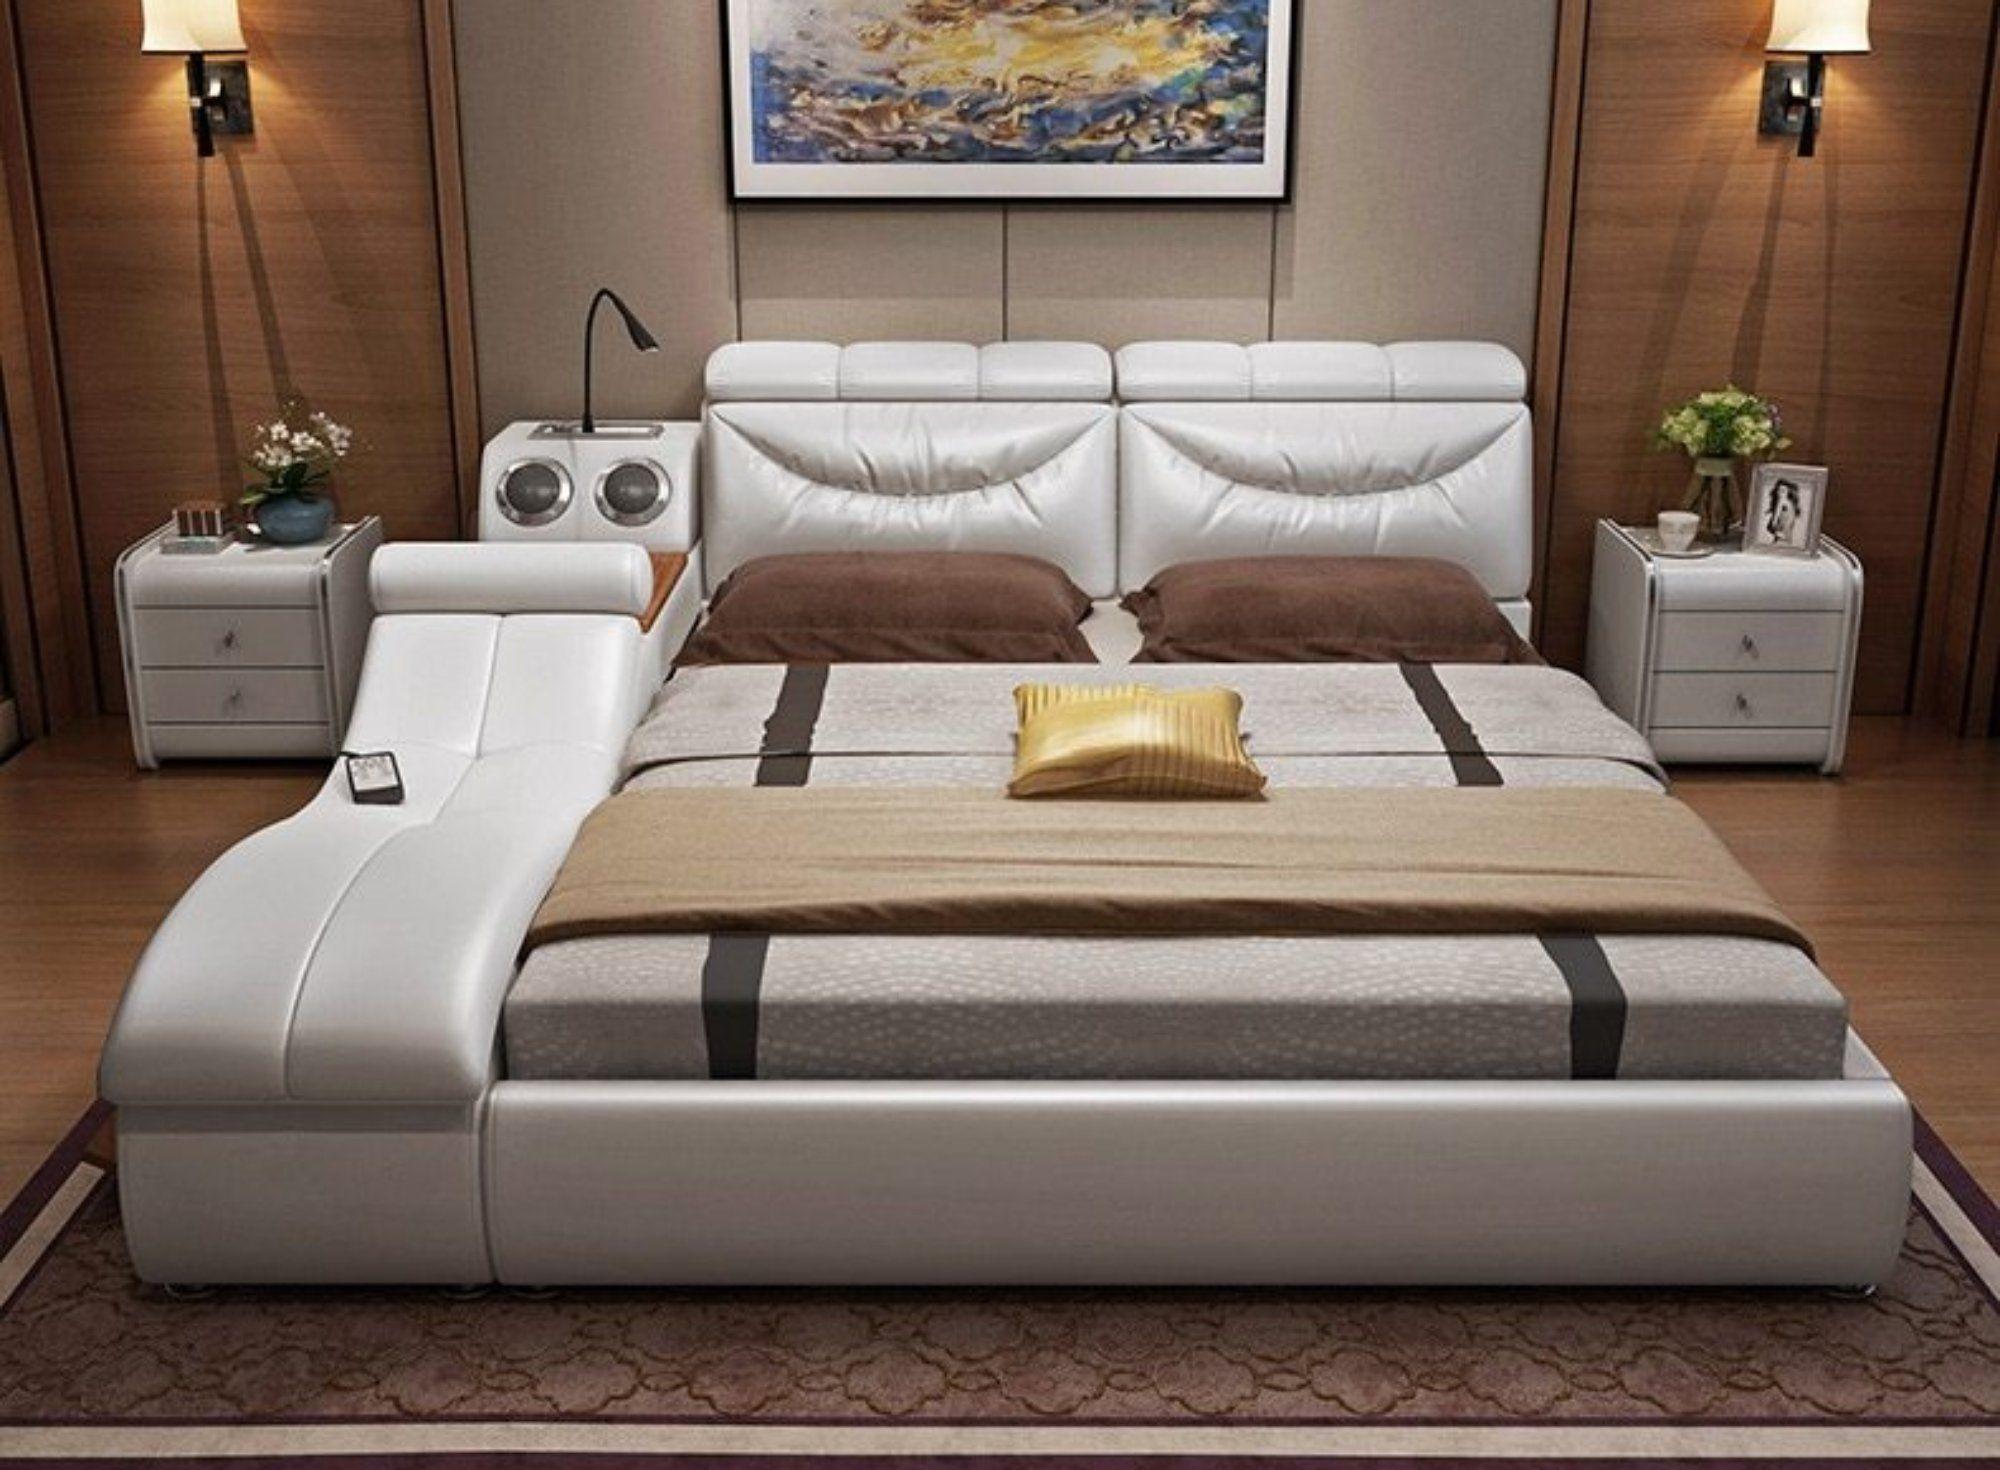 Leather Bed Frame Soft Beds Massager Storage Safe Speaker Led